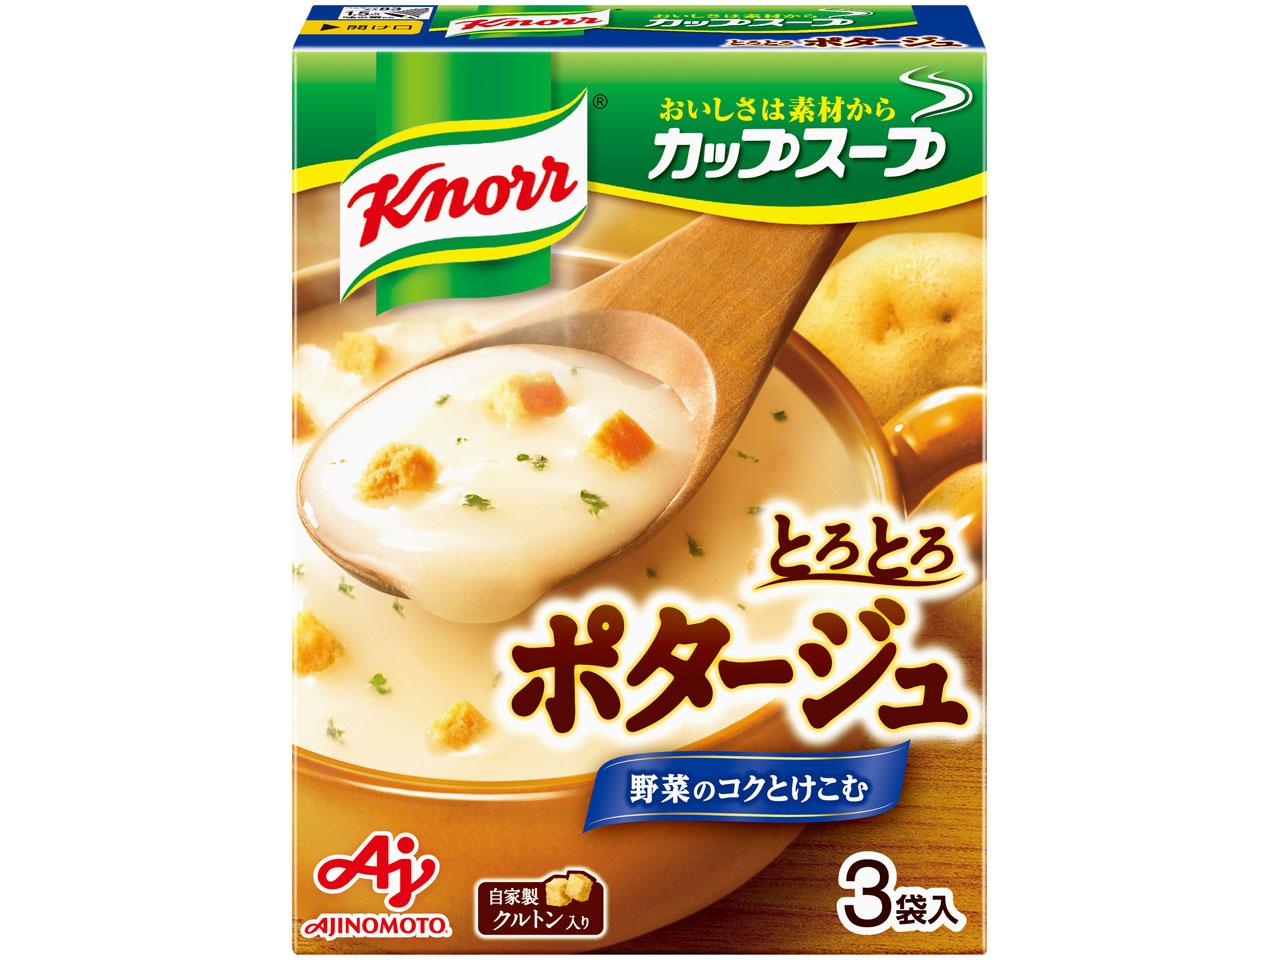 「クノール カップスープ」ポタージュ